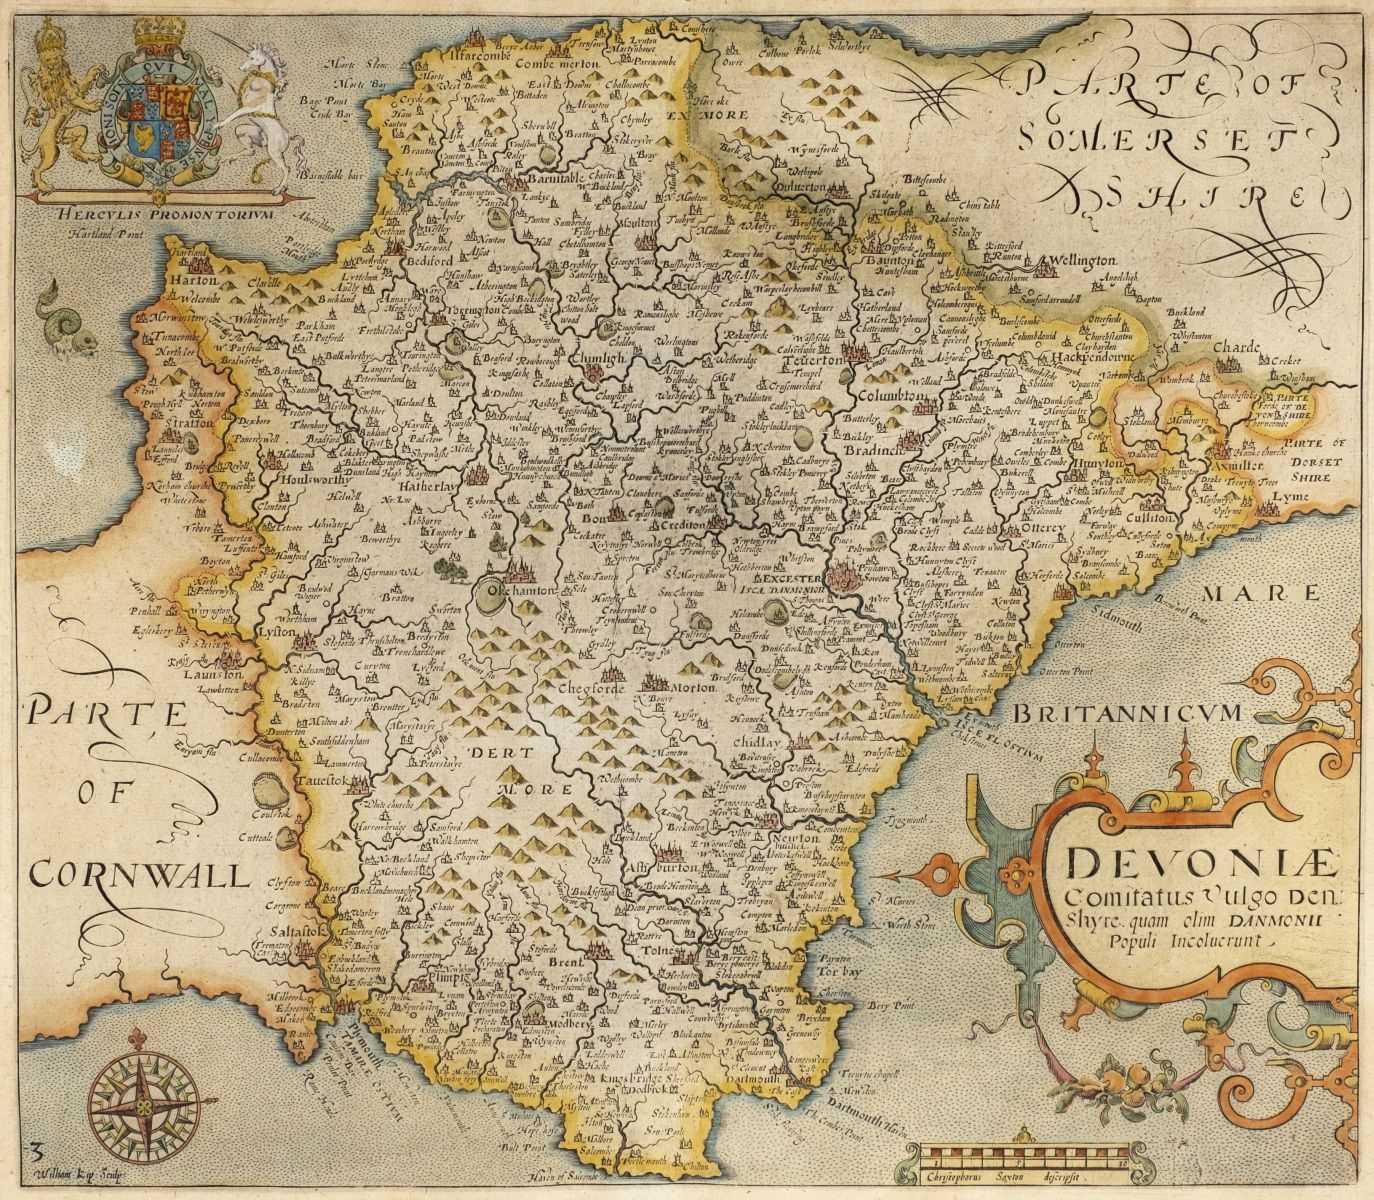 Lot 25 - Devonshire. Saxton Christopher & Kip William), Devoniae comitatus vuldo Denshyre, 1637